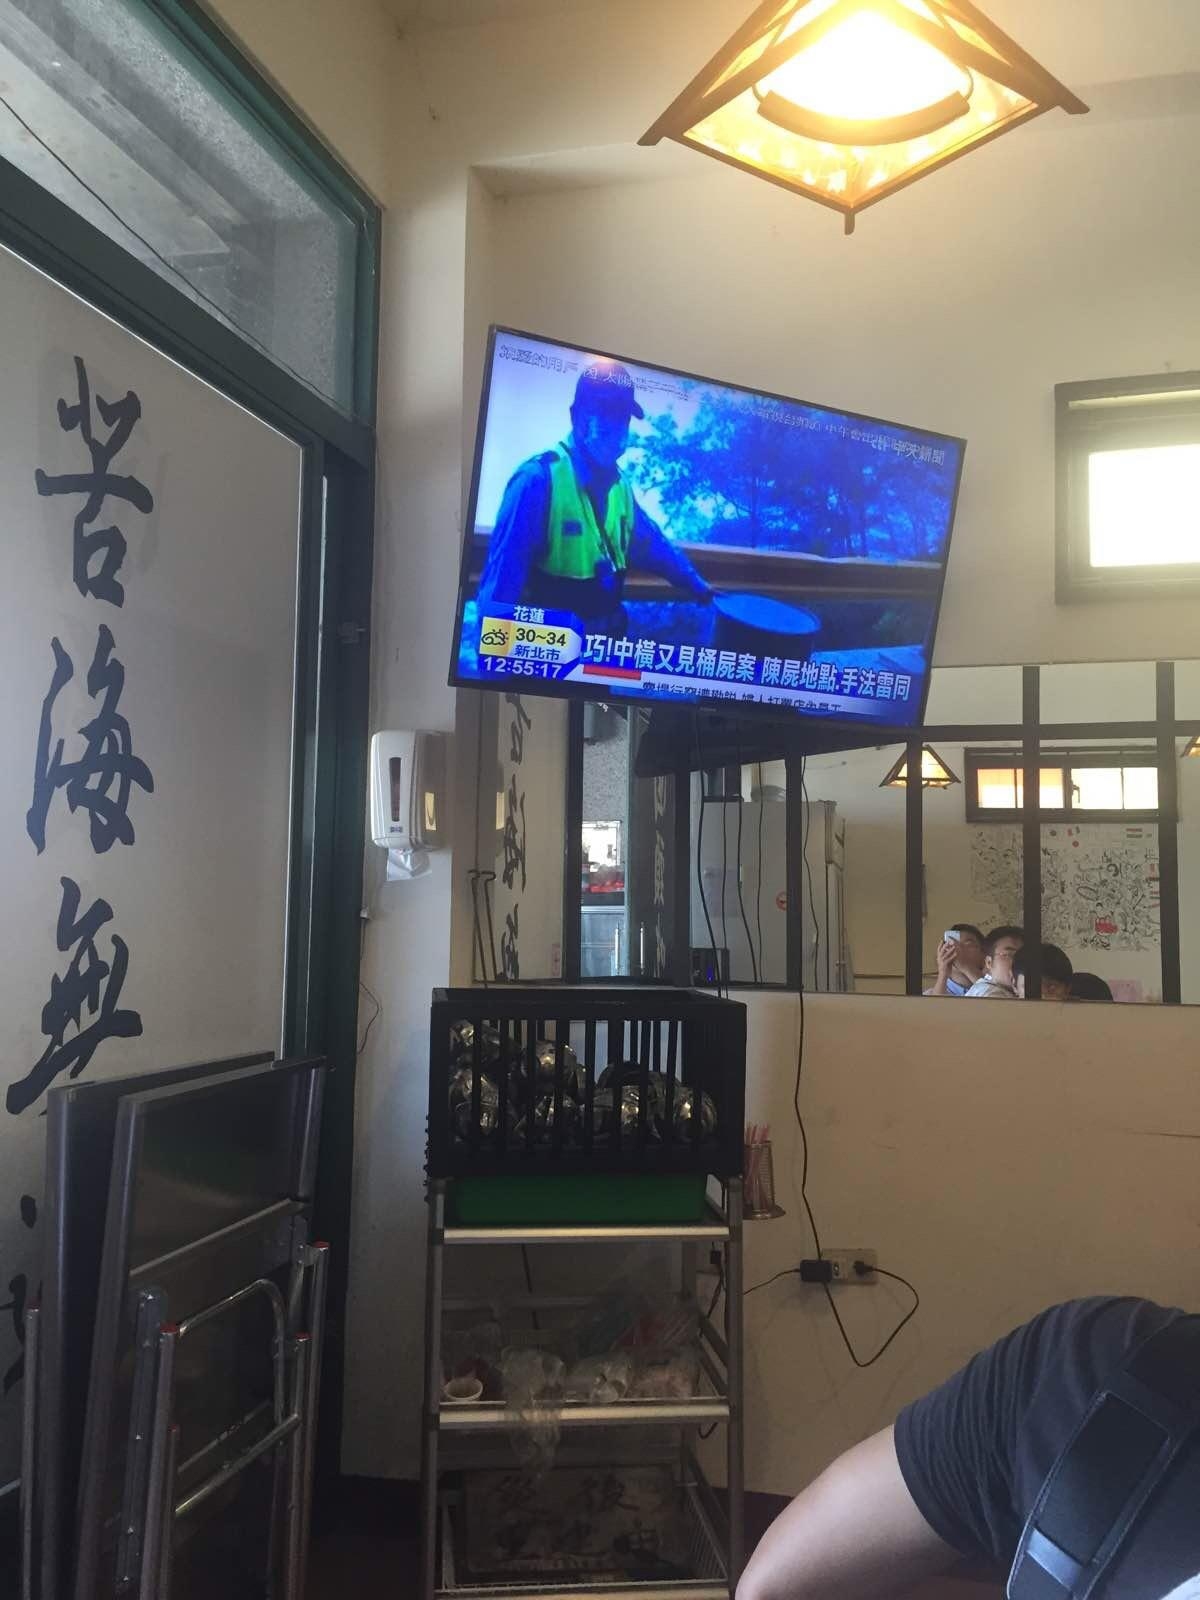 台湾小店装修风格